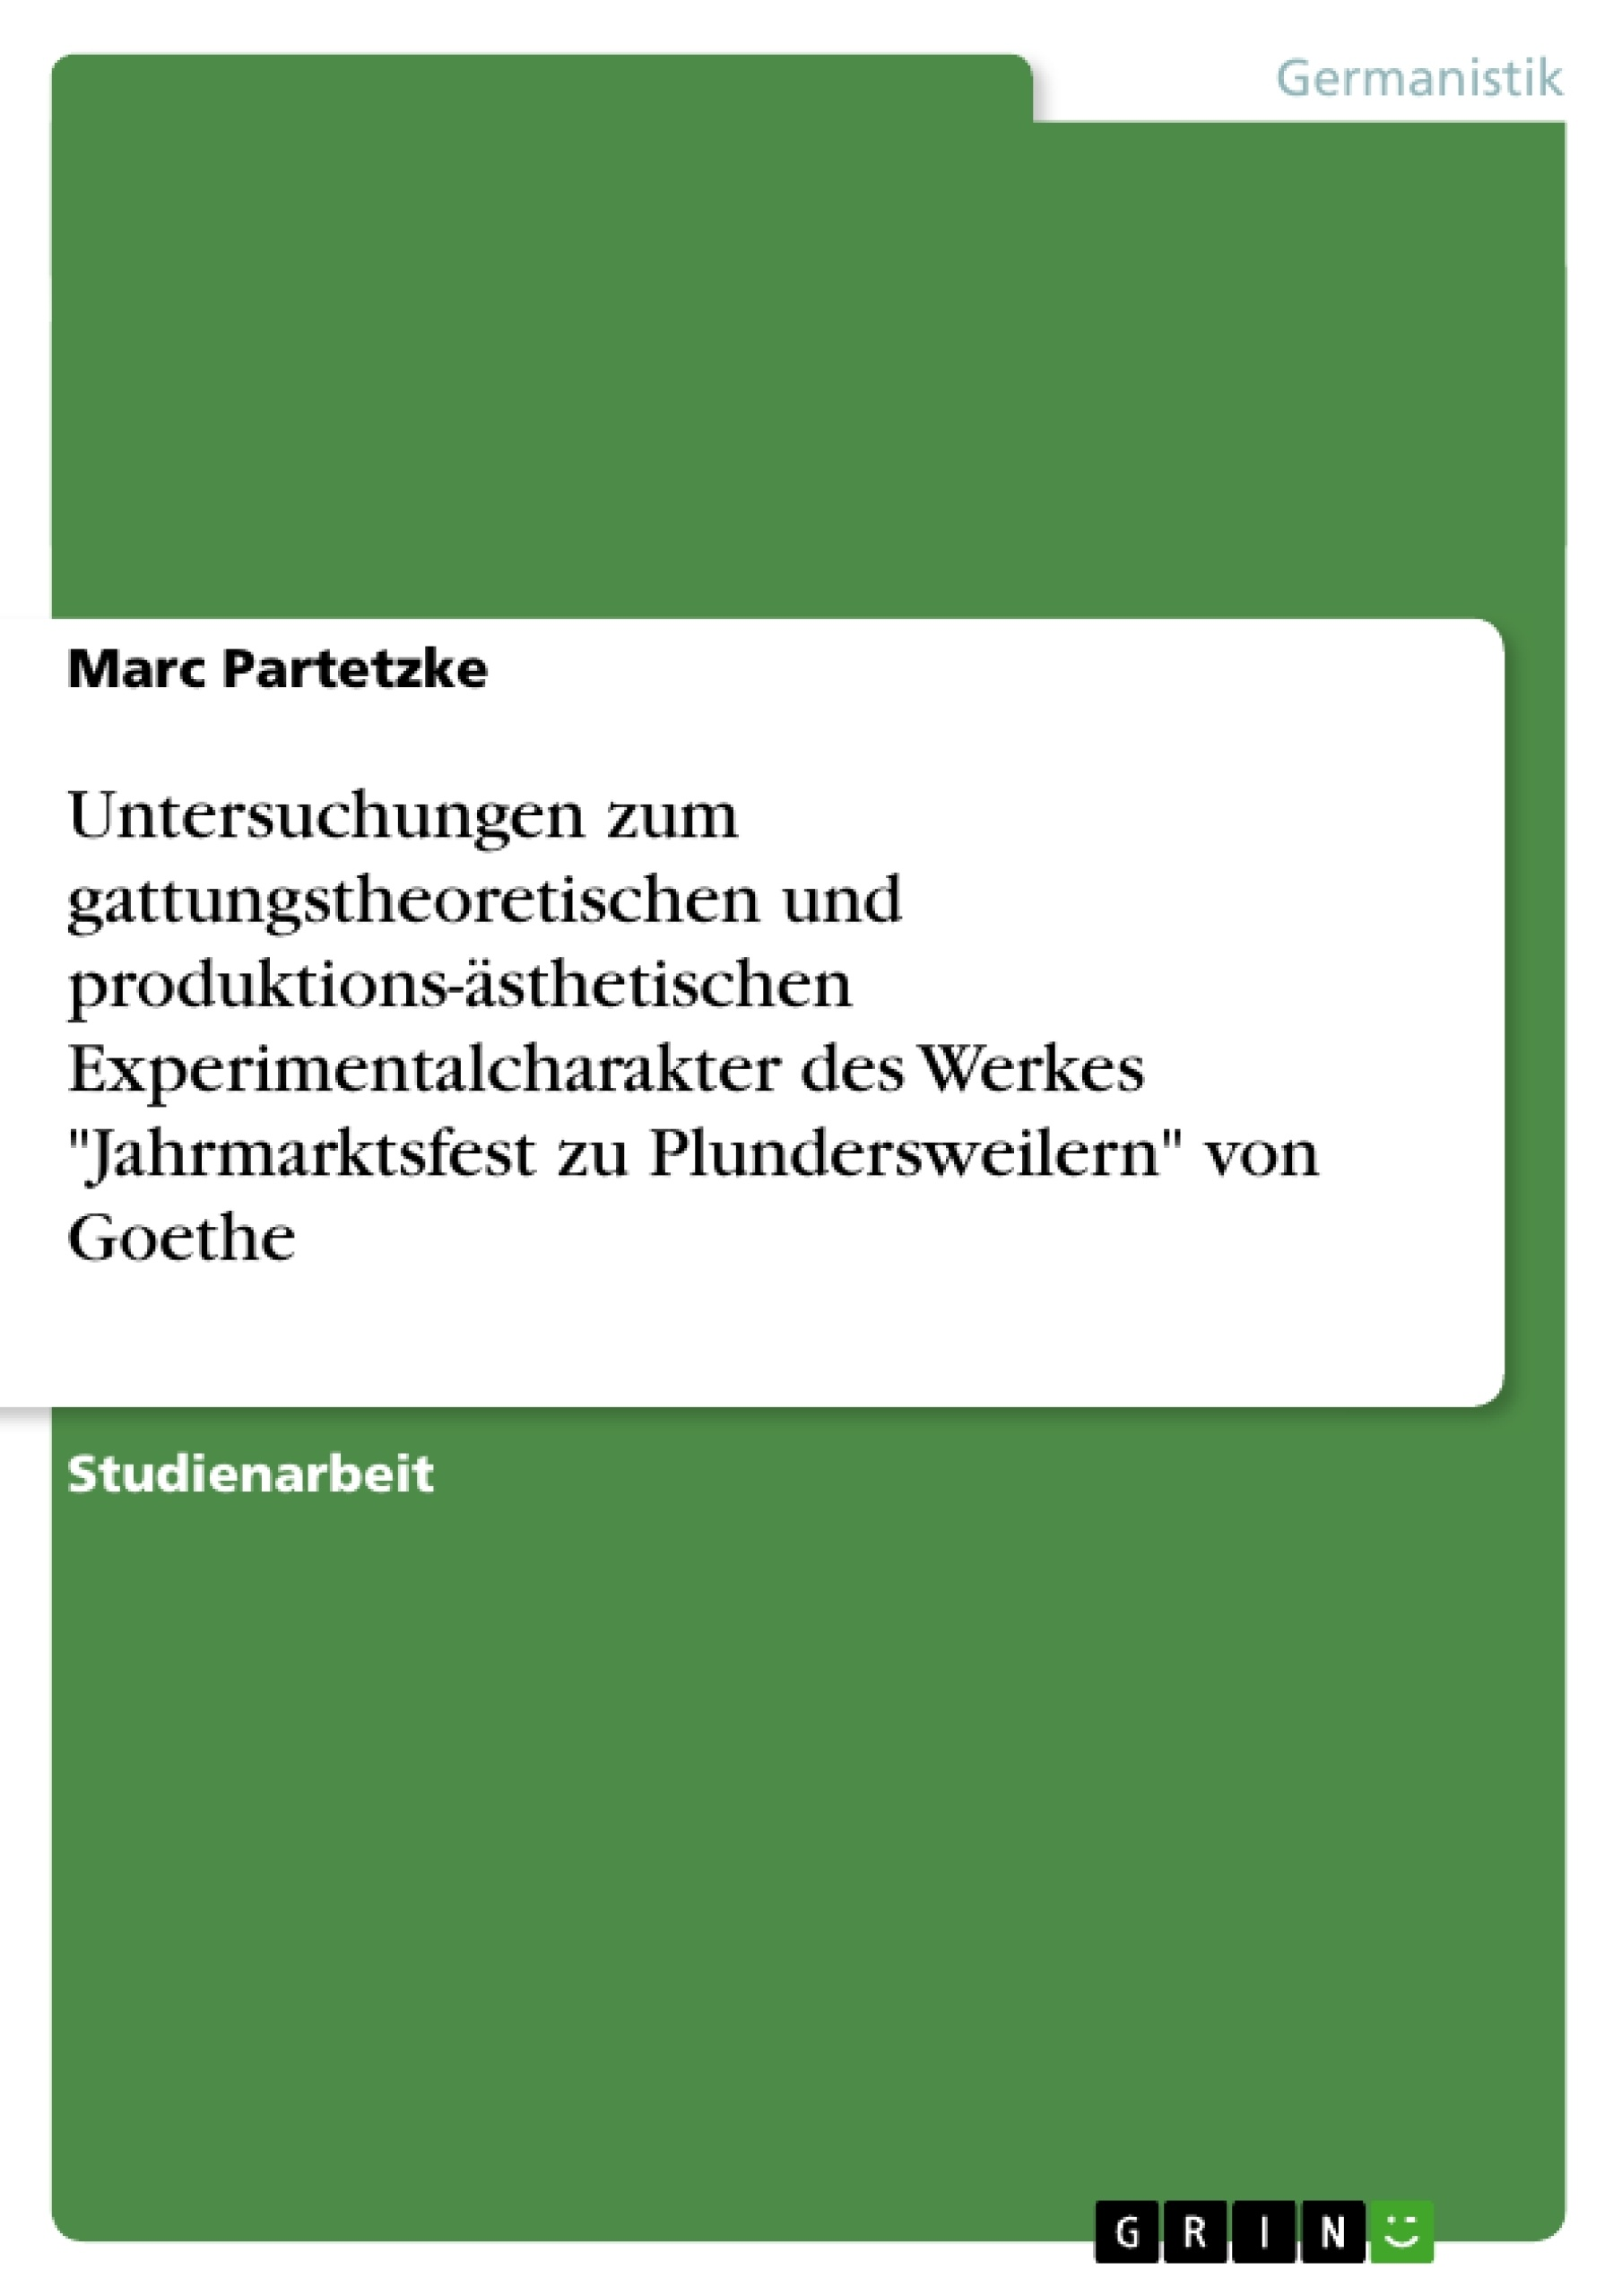 """Titel: Untersuchungen zum gattungstheoretischen und produktions-ästhetischen Experimentalcharakter des Werkes """"Jahrmarktsfest zu Plundersweilern"""" von Goethe"""